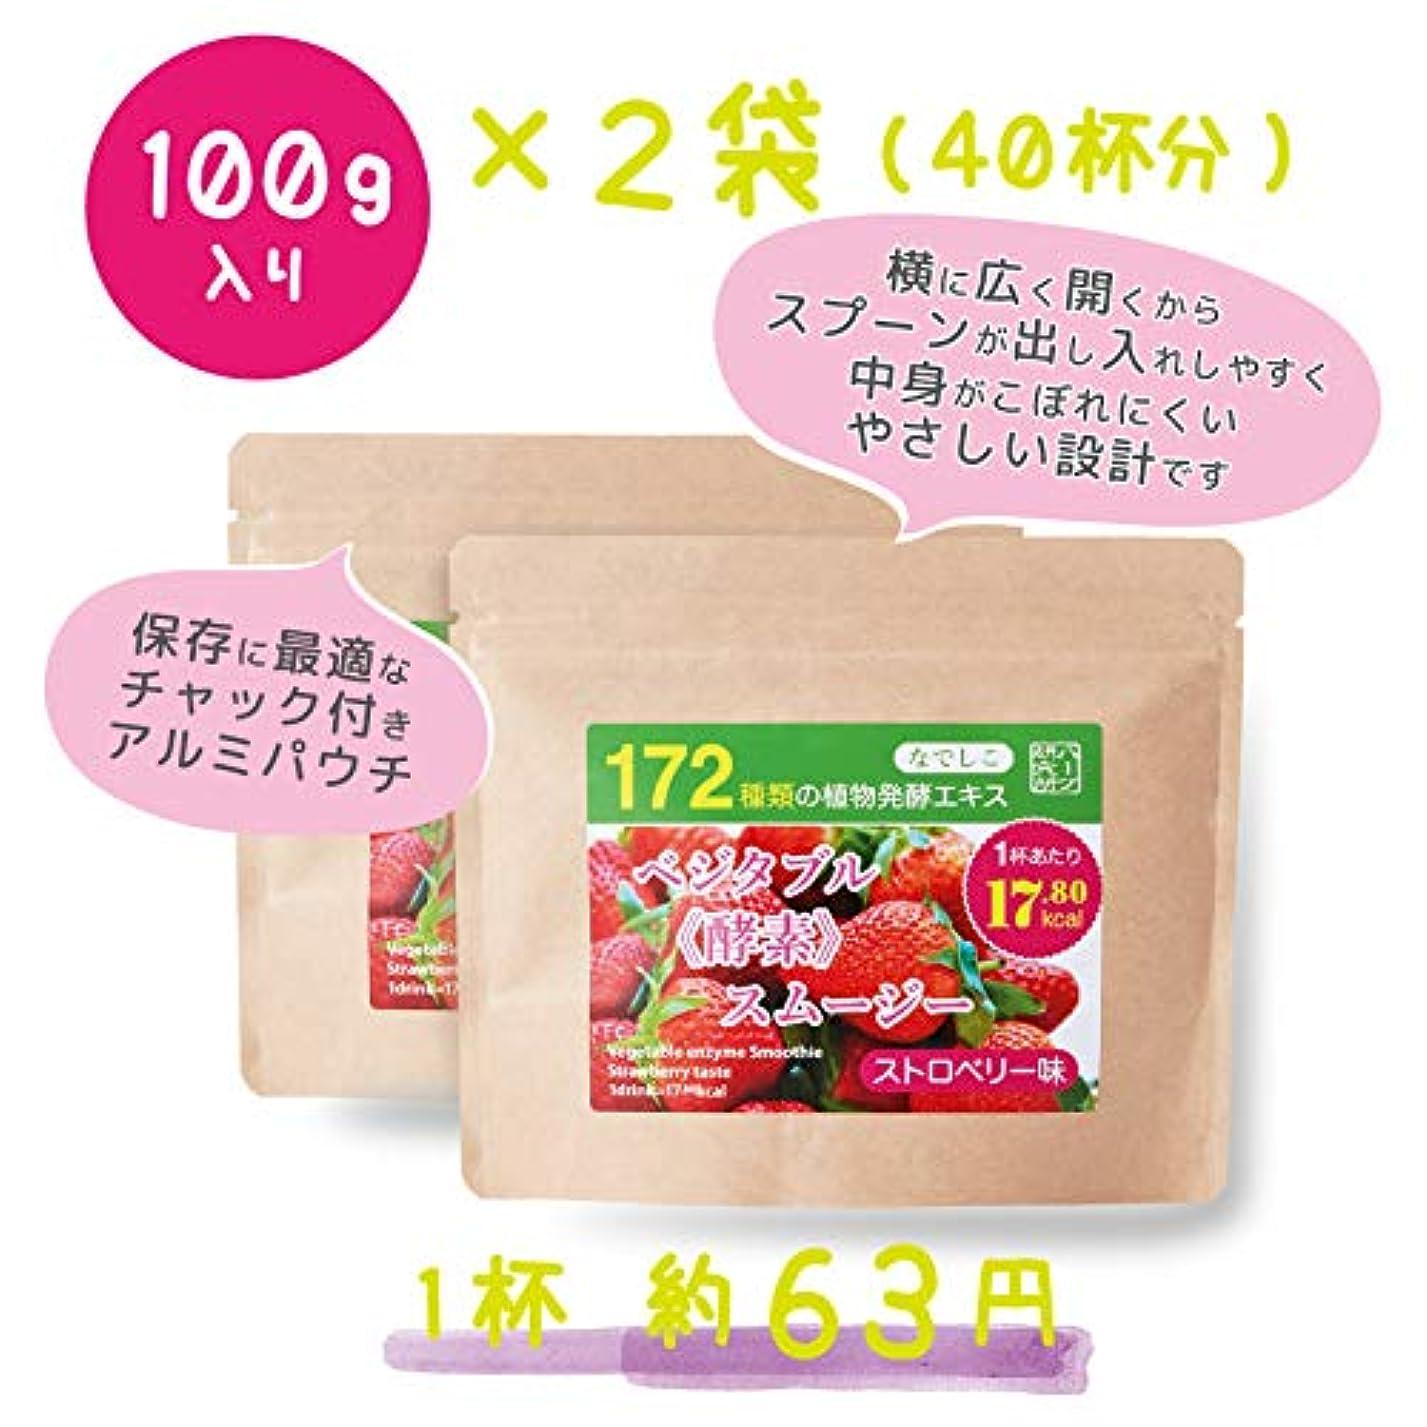 非アクティブゾーンデイジーグリーン酵素ダイエットスムージー(ストロベリー味)200g (100g×2パック)で10%OFF